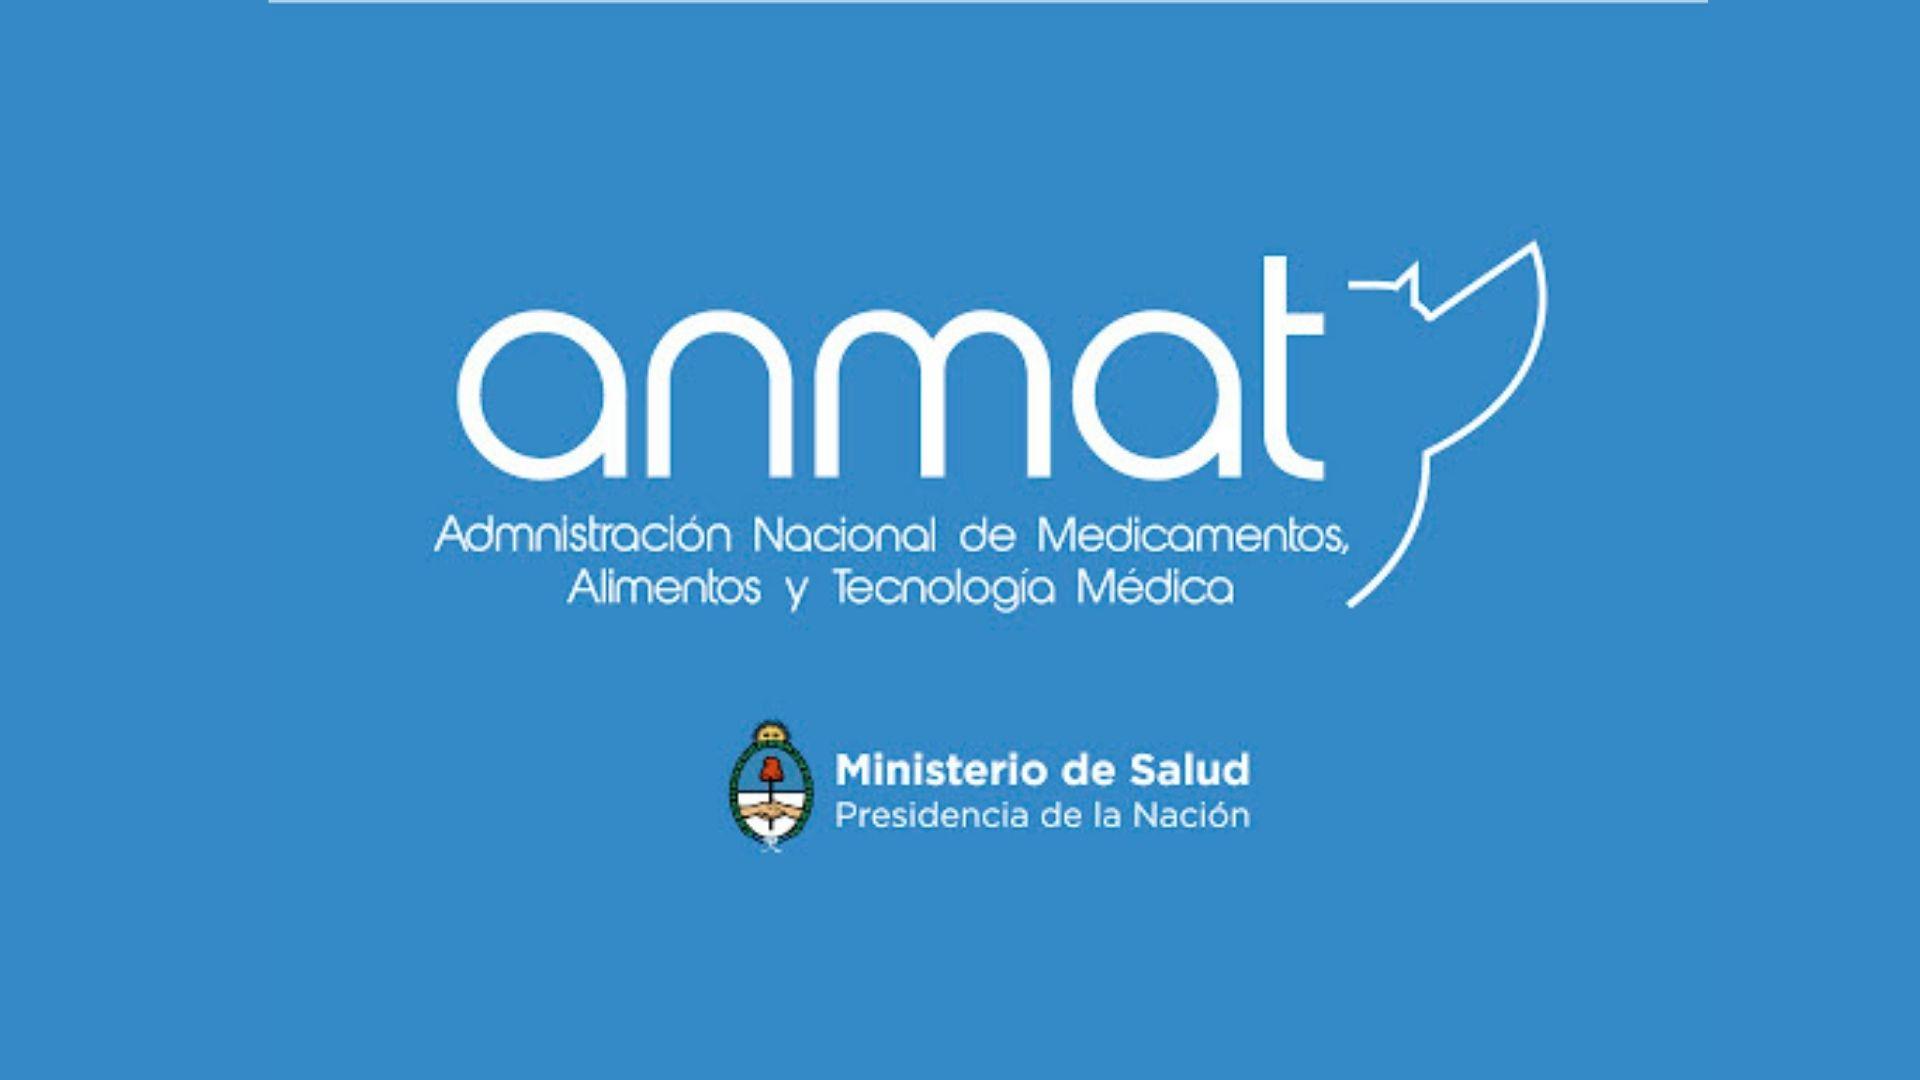 Anmat logo